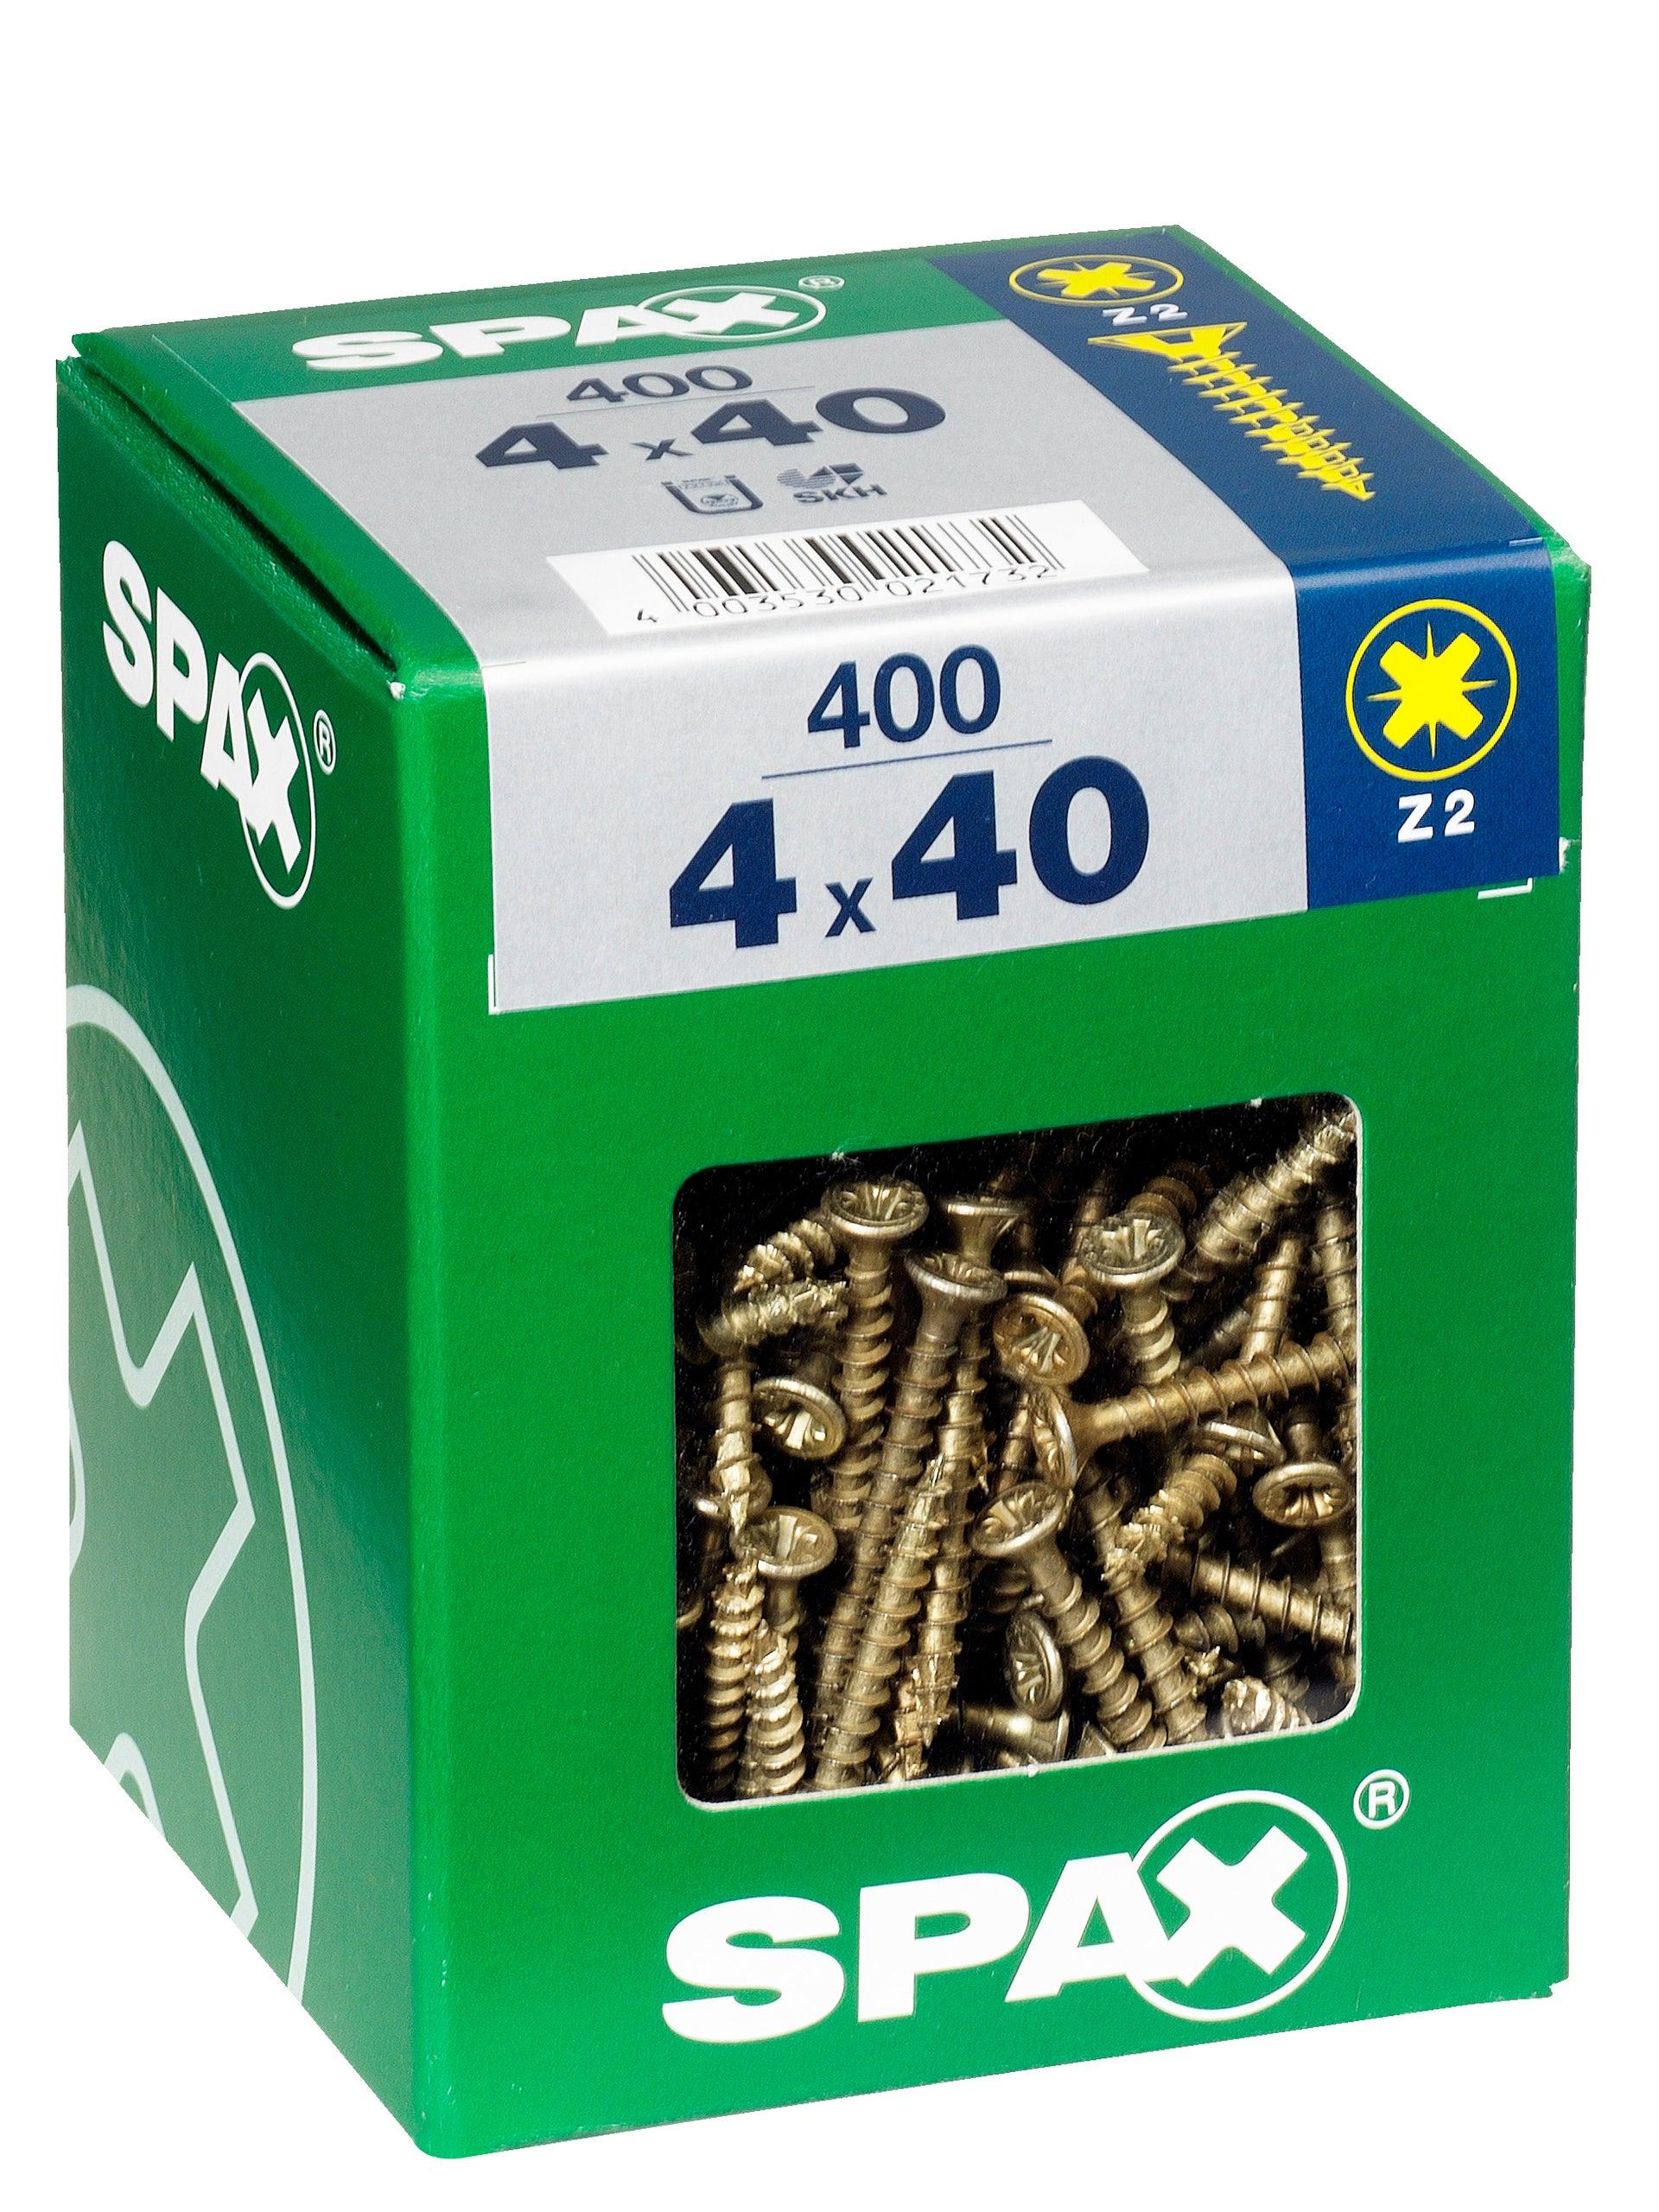 Lot de 400 vis acier tête fraisée Spax Pozidriv, Diam.4 mm x L.40 mm